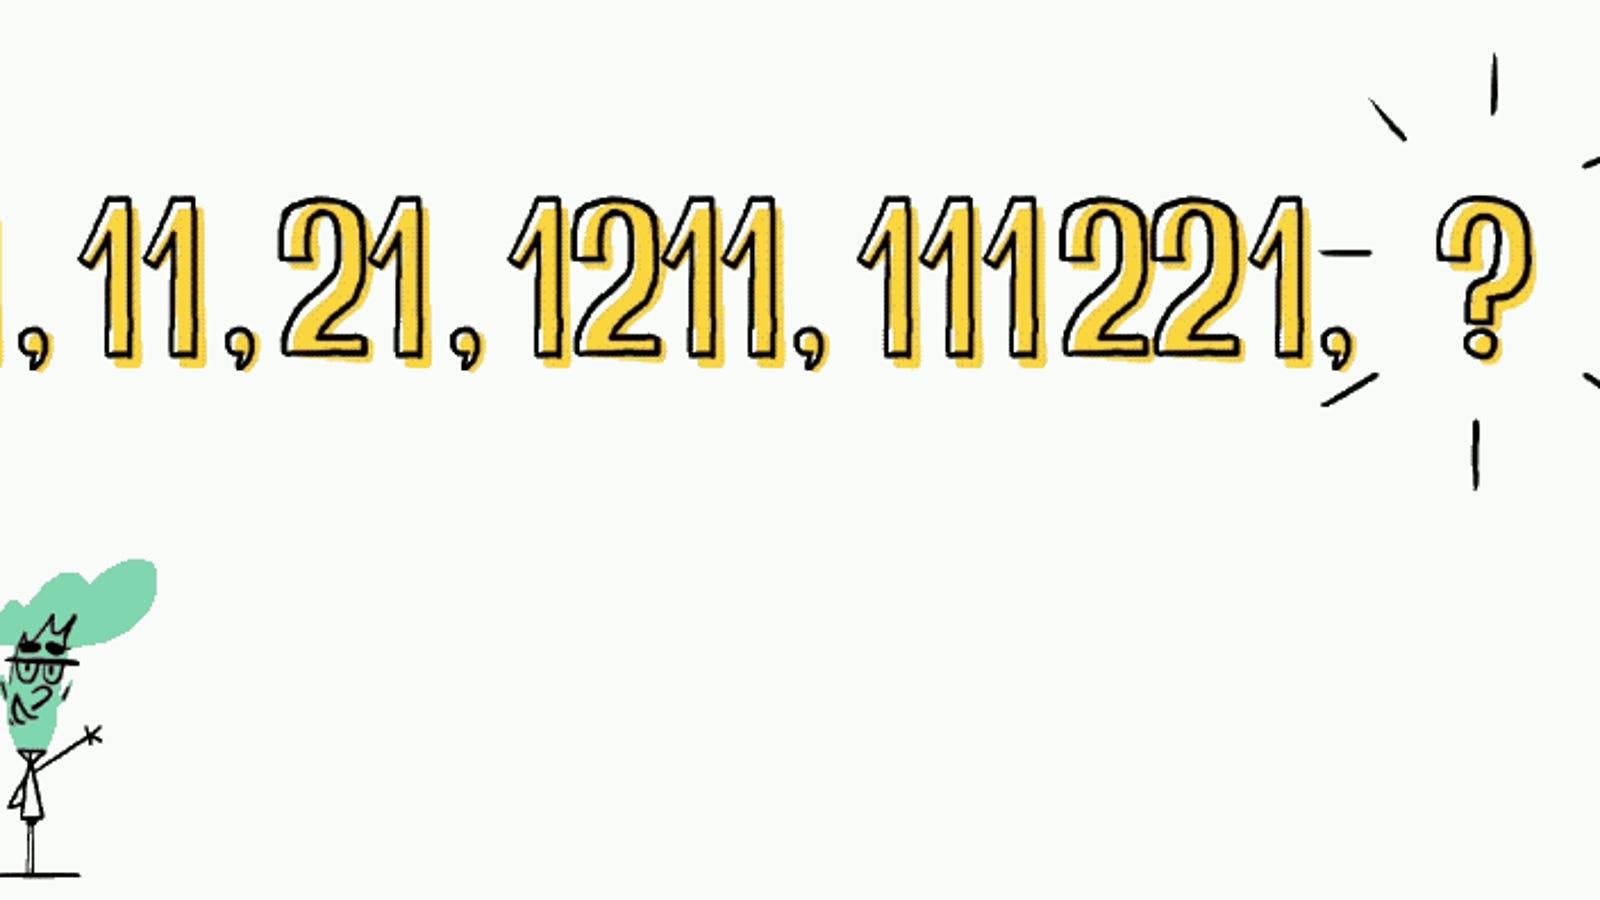 ¿Eres capaz de adivinar lo que sigue en esta extraña secuencia de números?